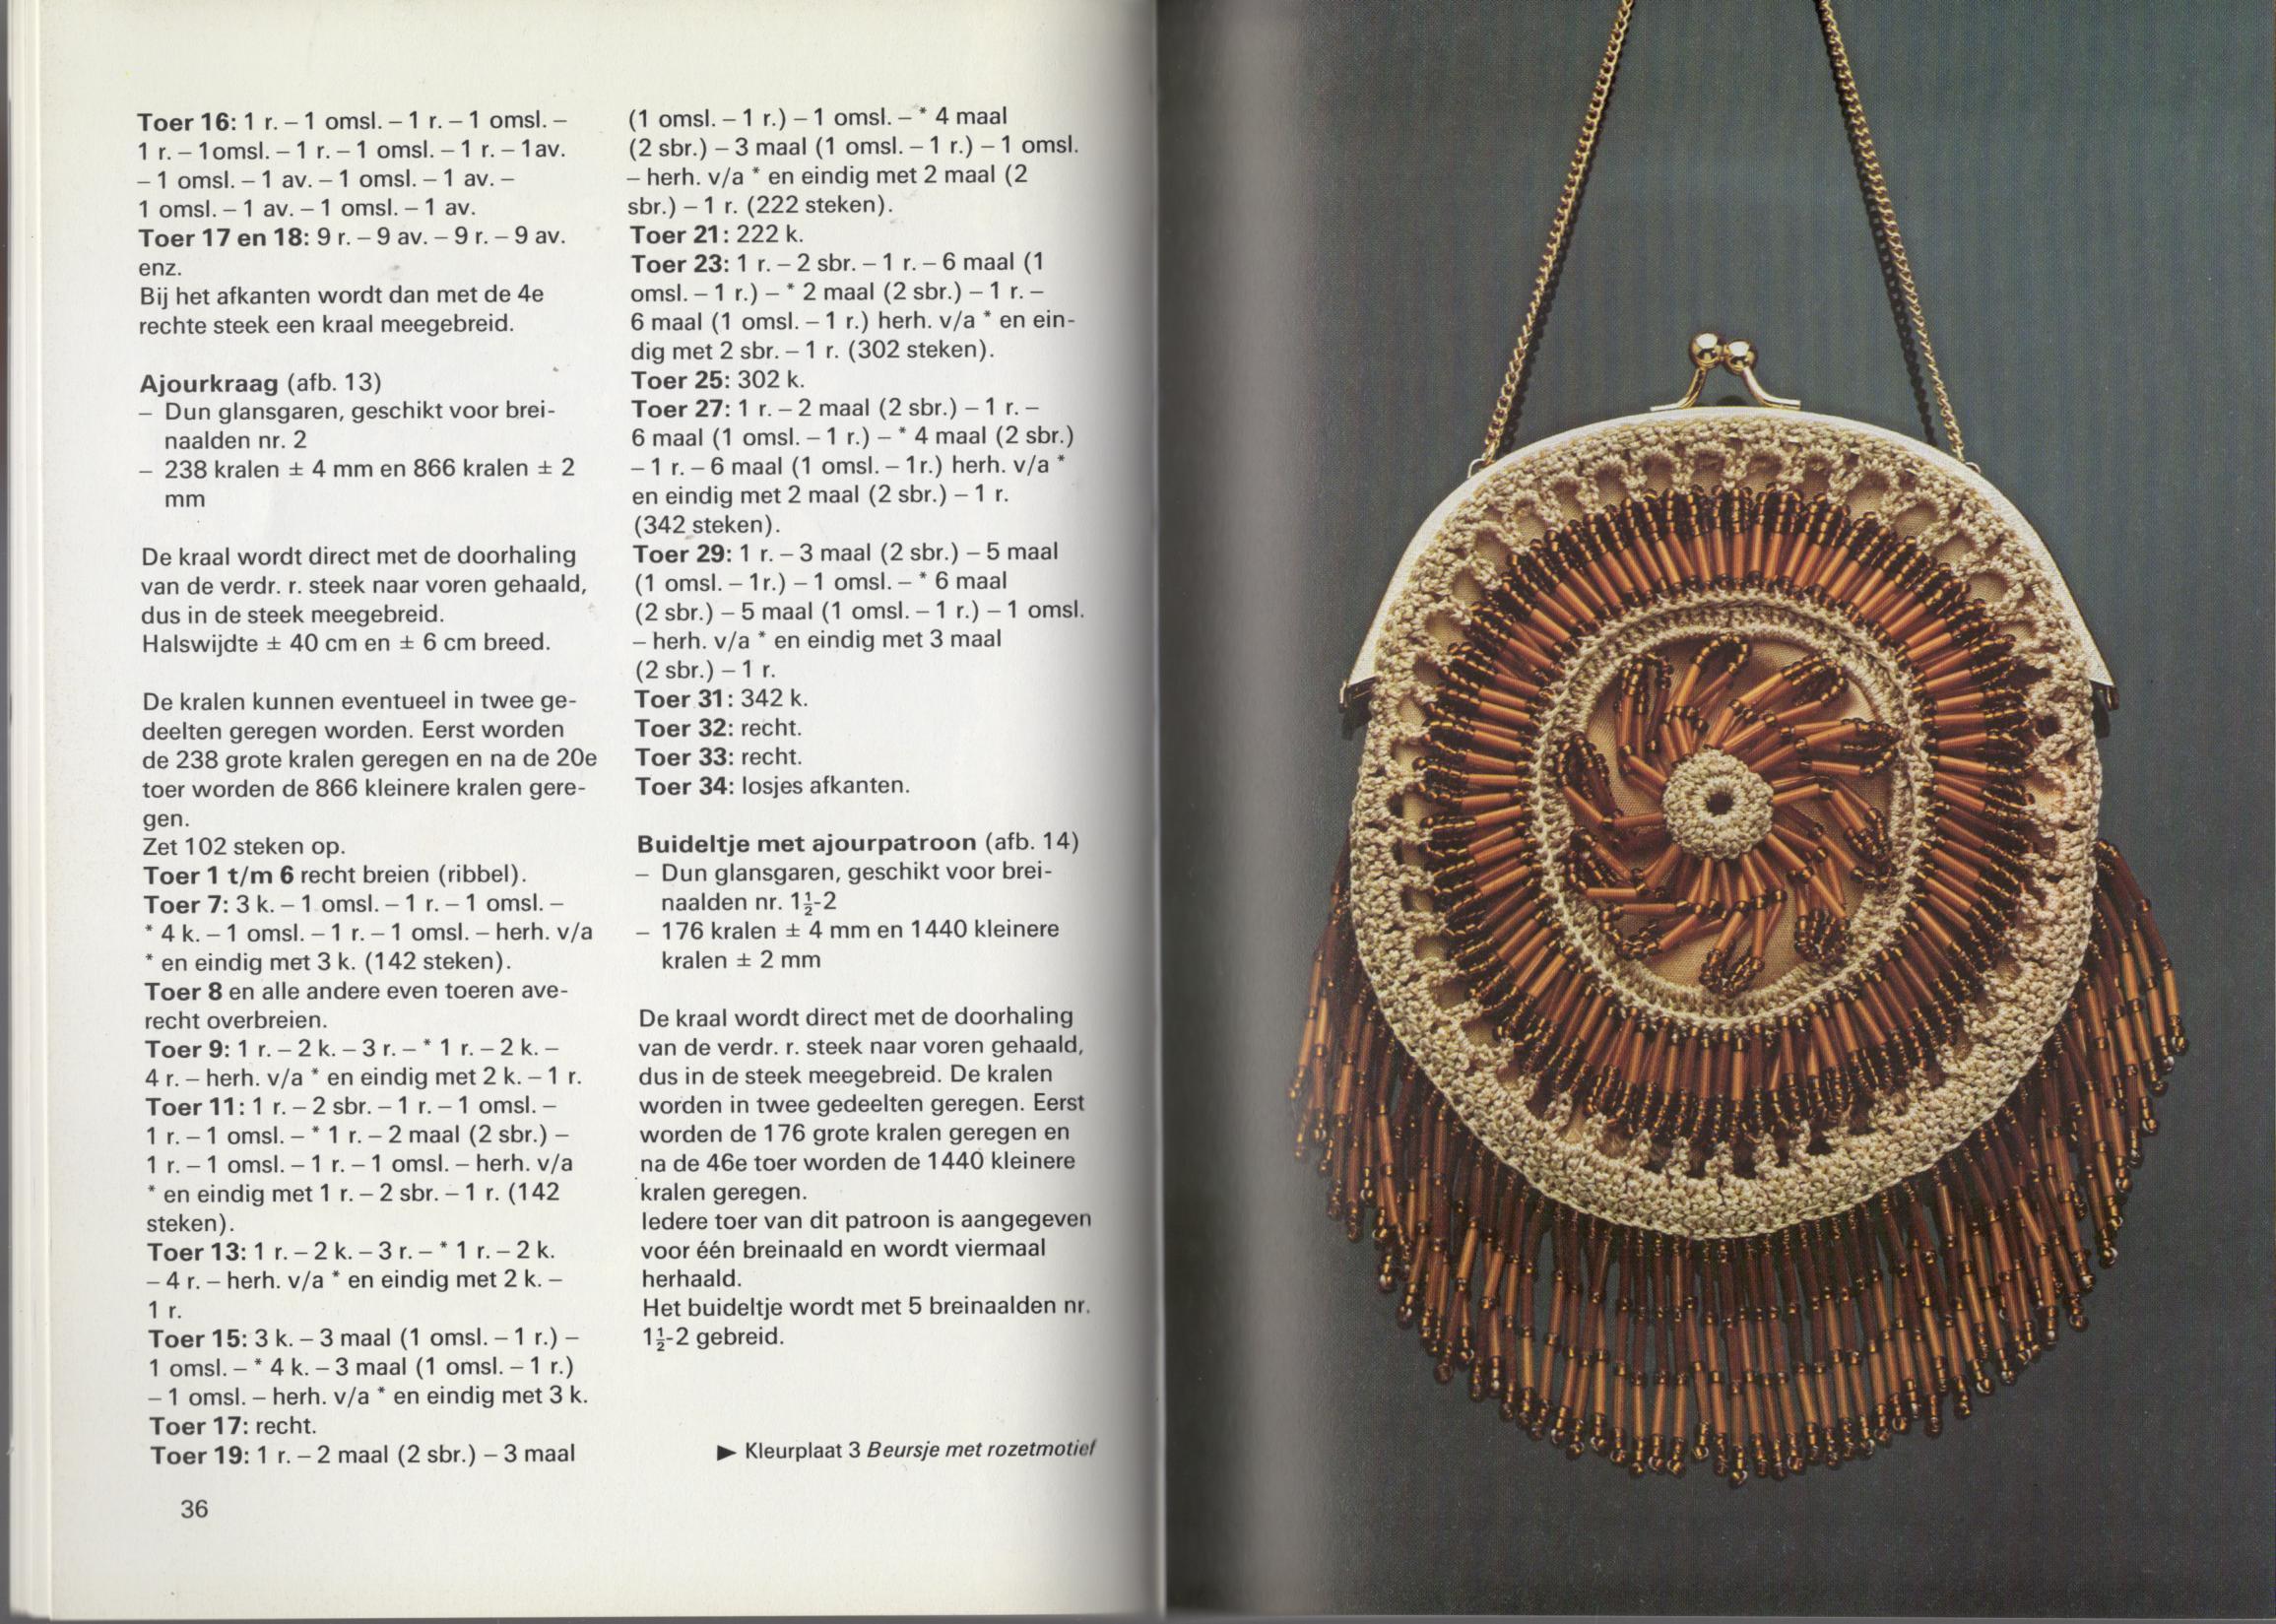 Boek Breien En Haken Met Kralen